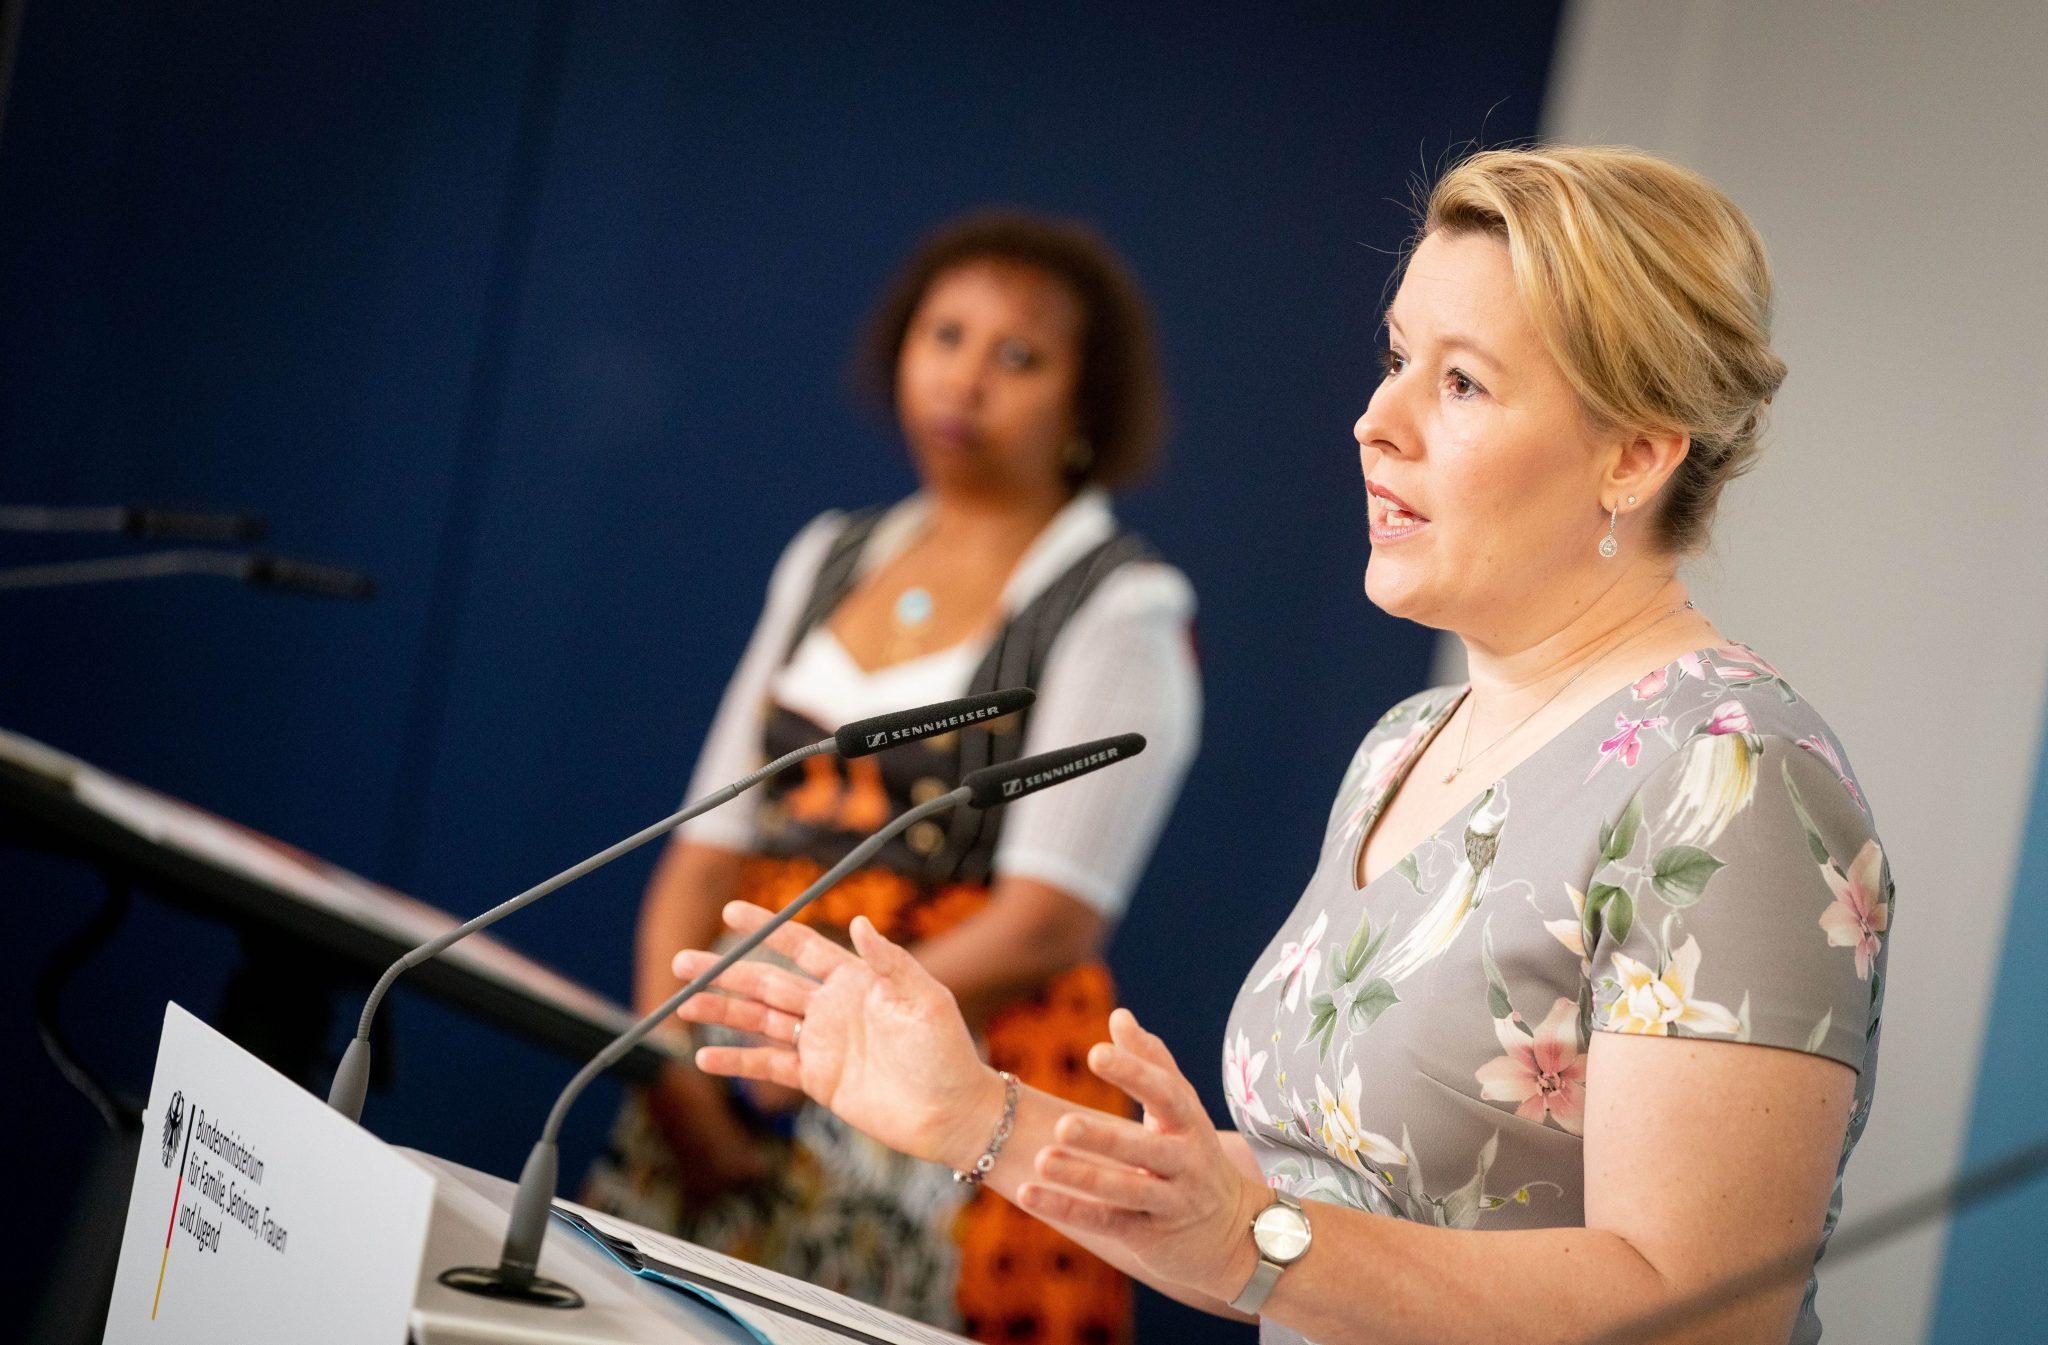 Bundesfamilienministerin Franziska Giffey (SPD) (r.) stellt die Studienergebnisse zu Genitalverstümmelungen vor Foto: picture alliance/Kay Nietfeld/dpa